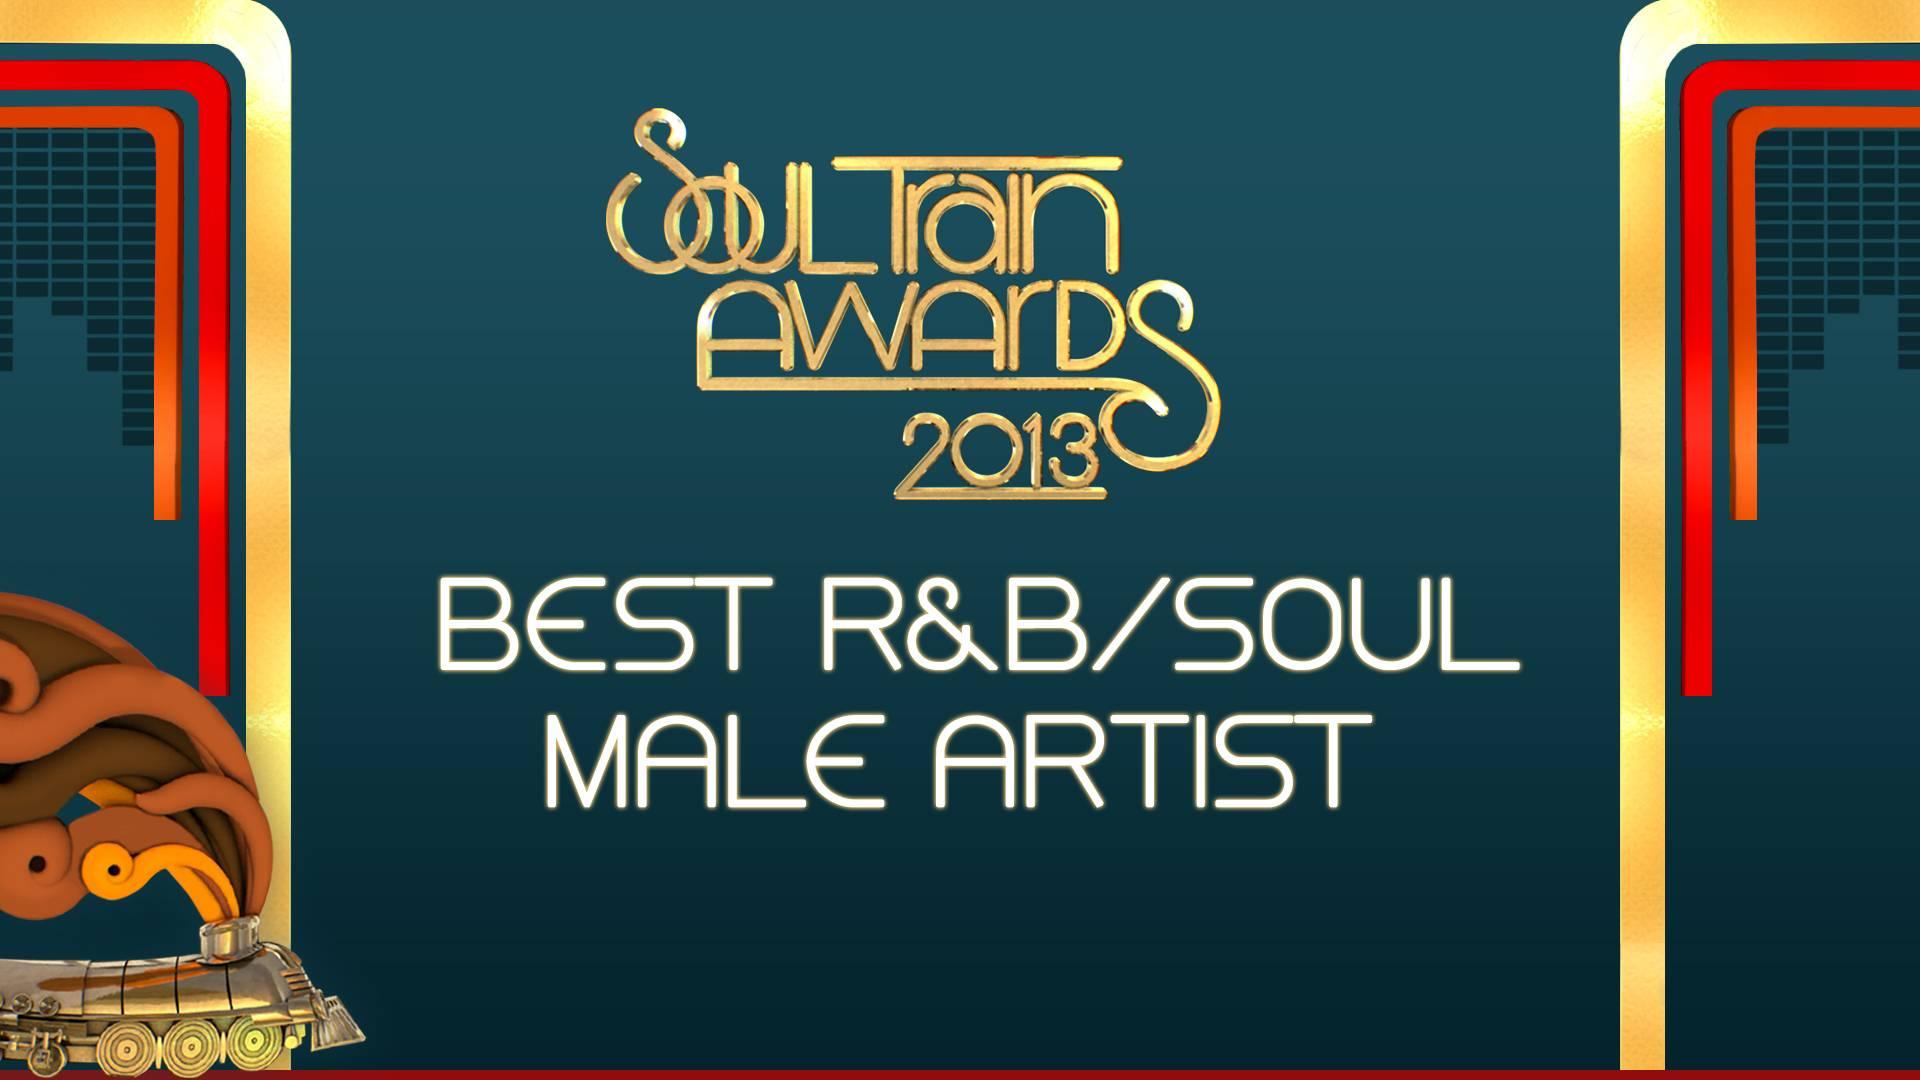 Best R&B/Soul Male Artist